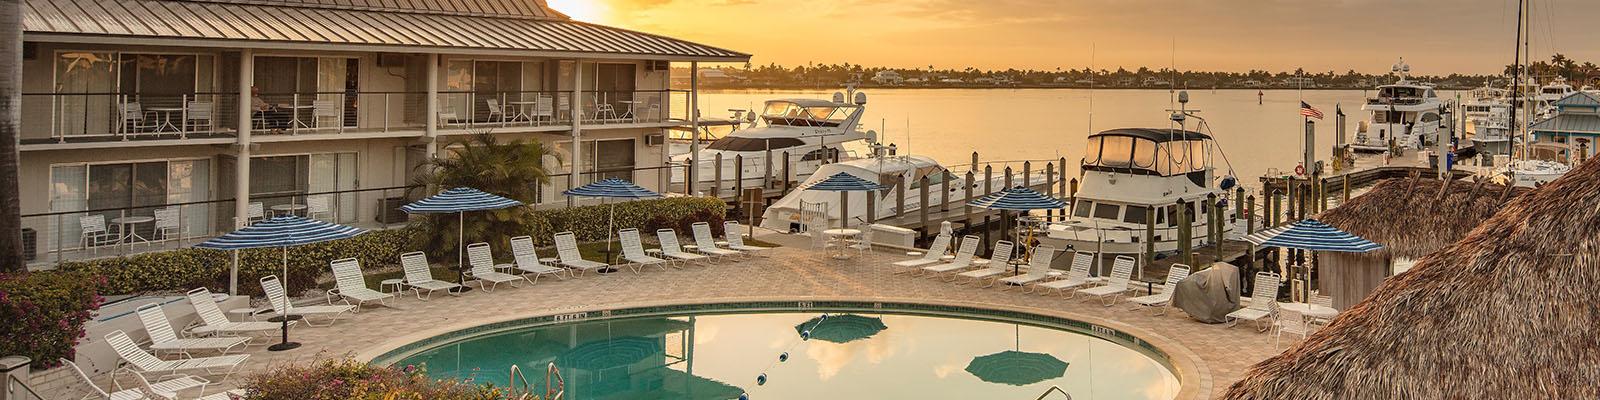 The Cove Inn Swimming Pool